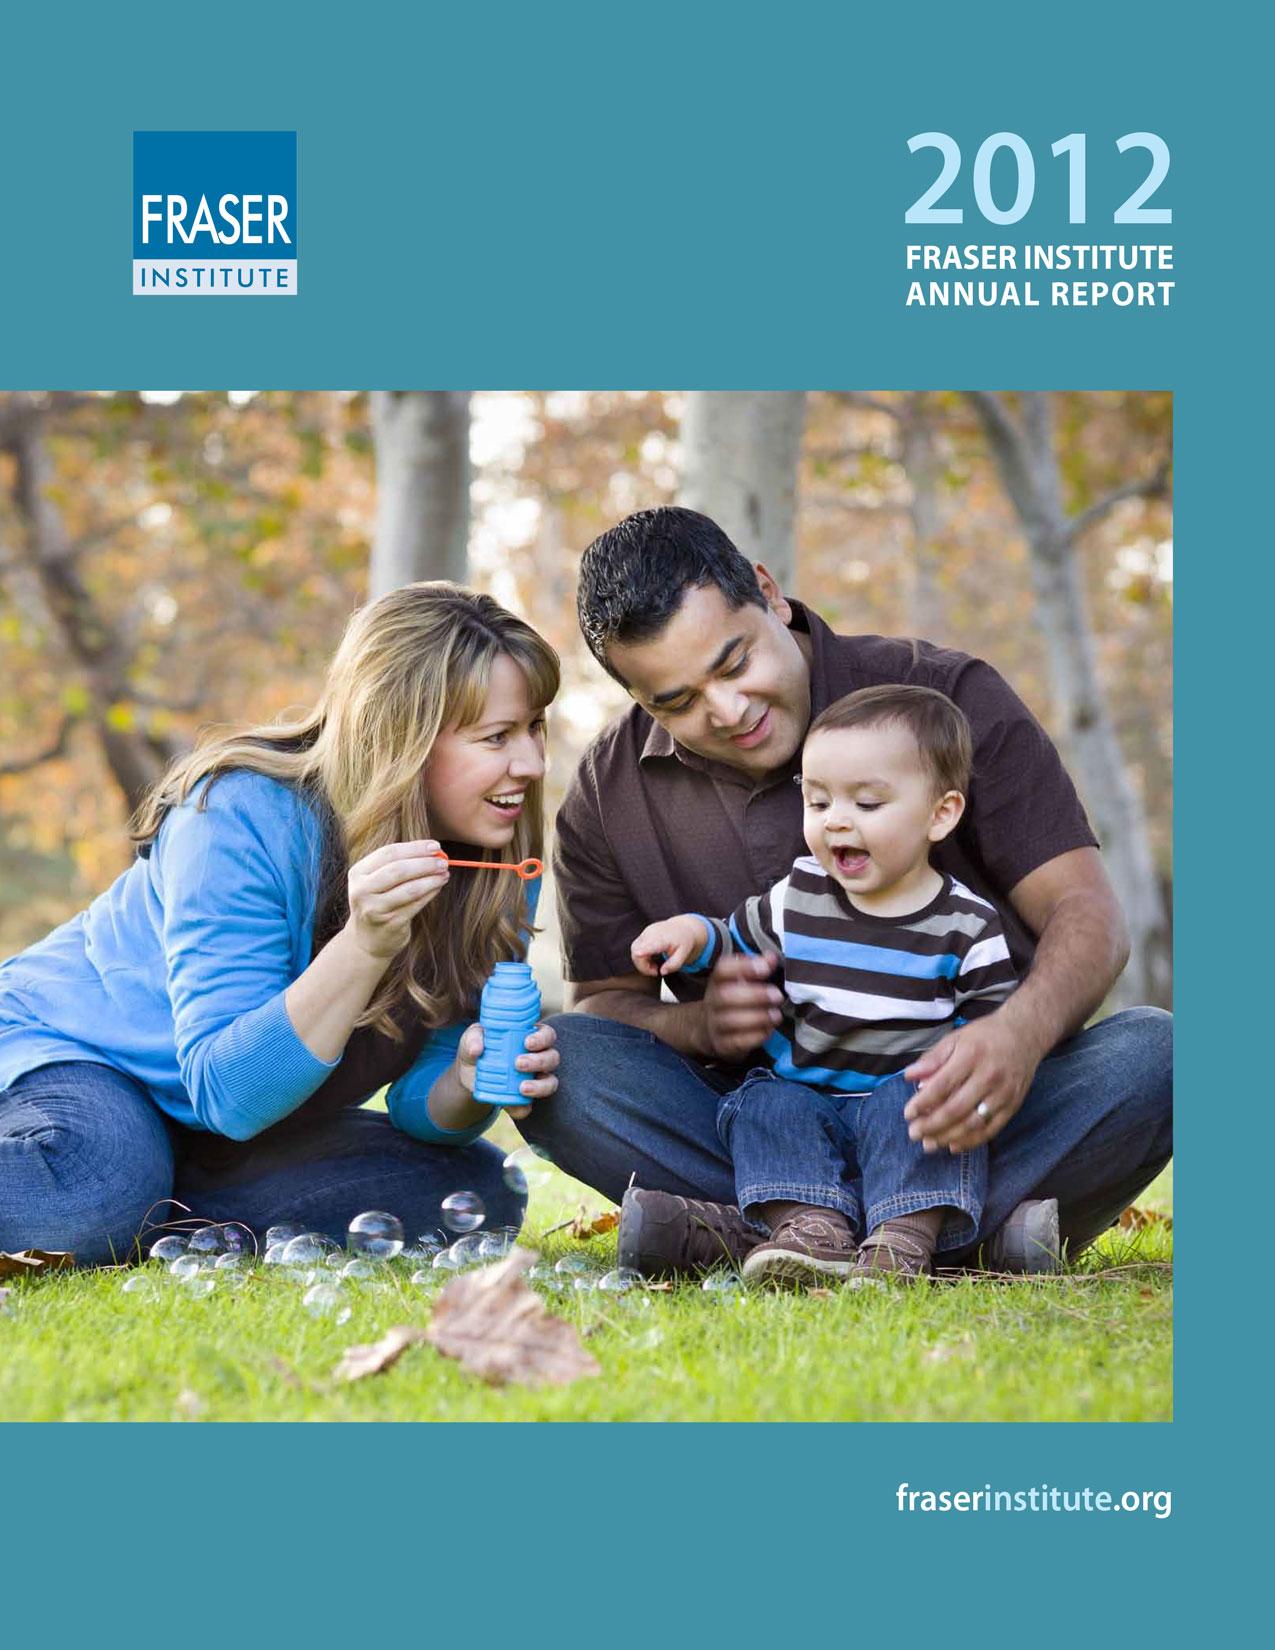 Fraser Institute Annual Report 2012